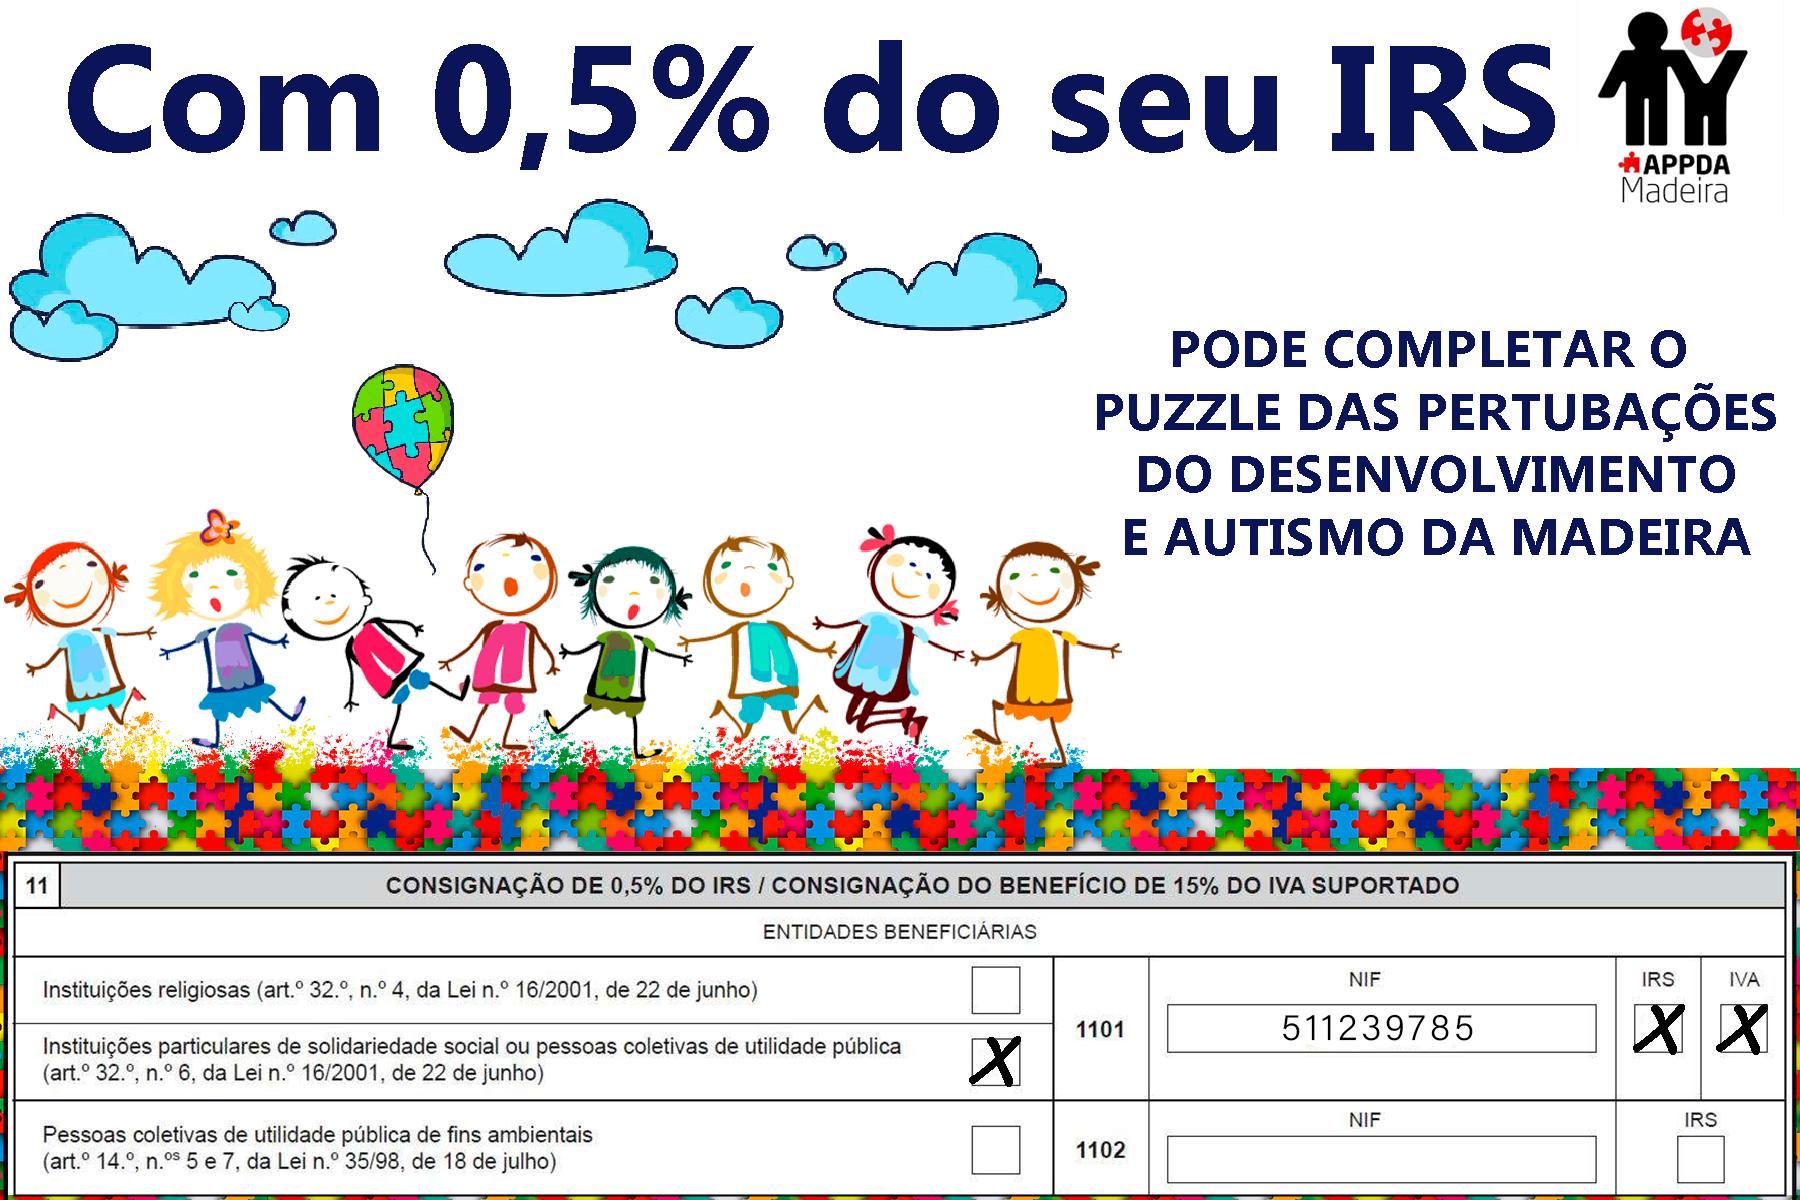 Consignação IRS